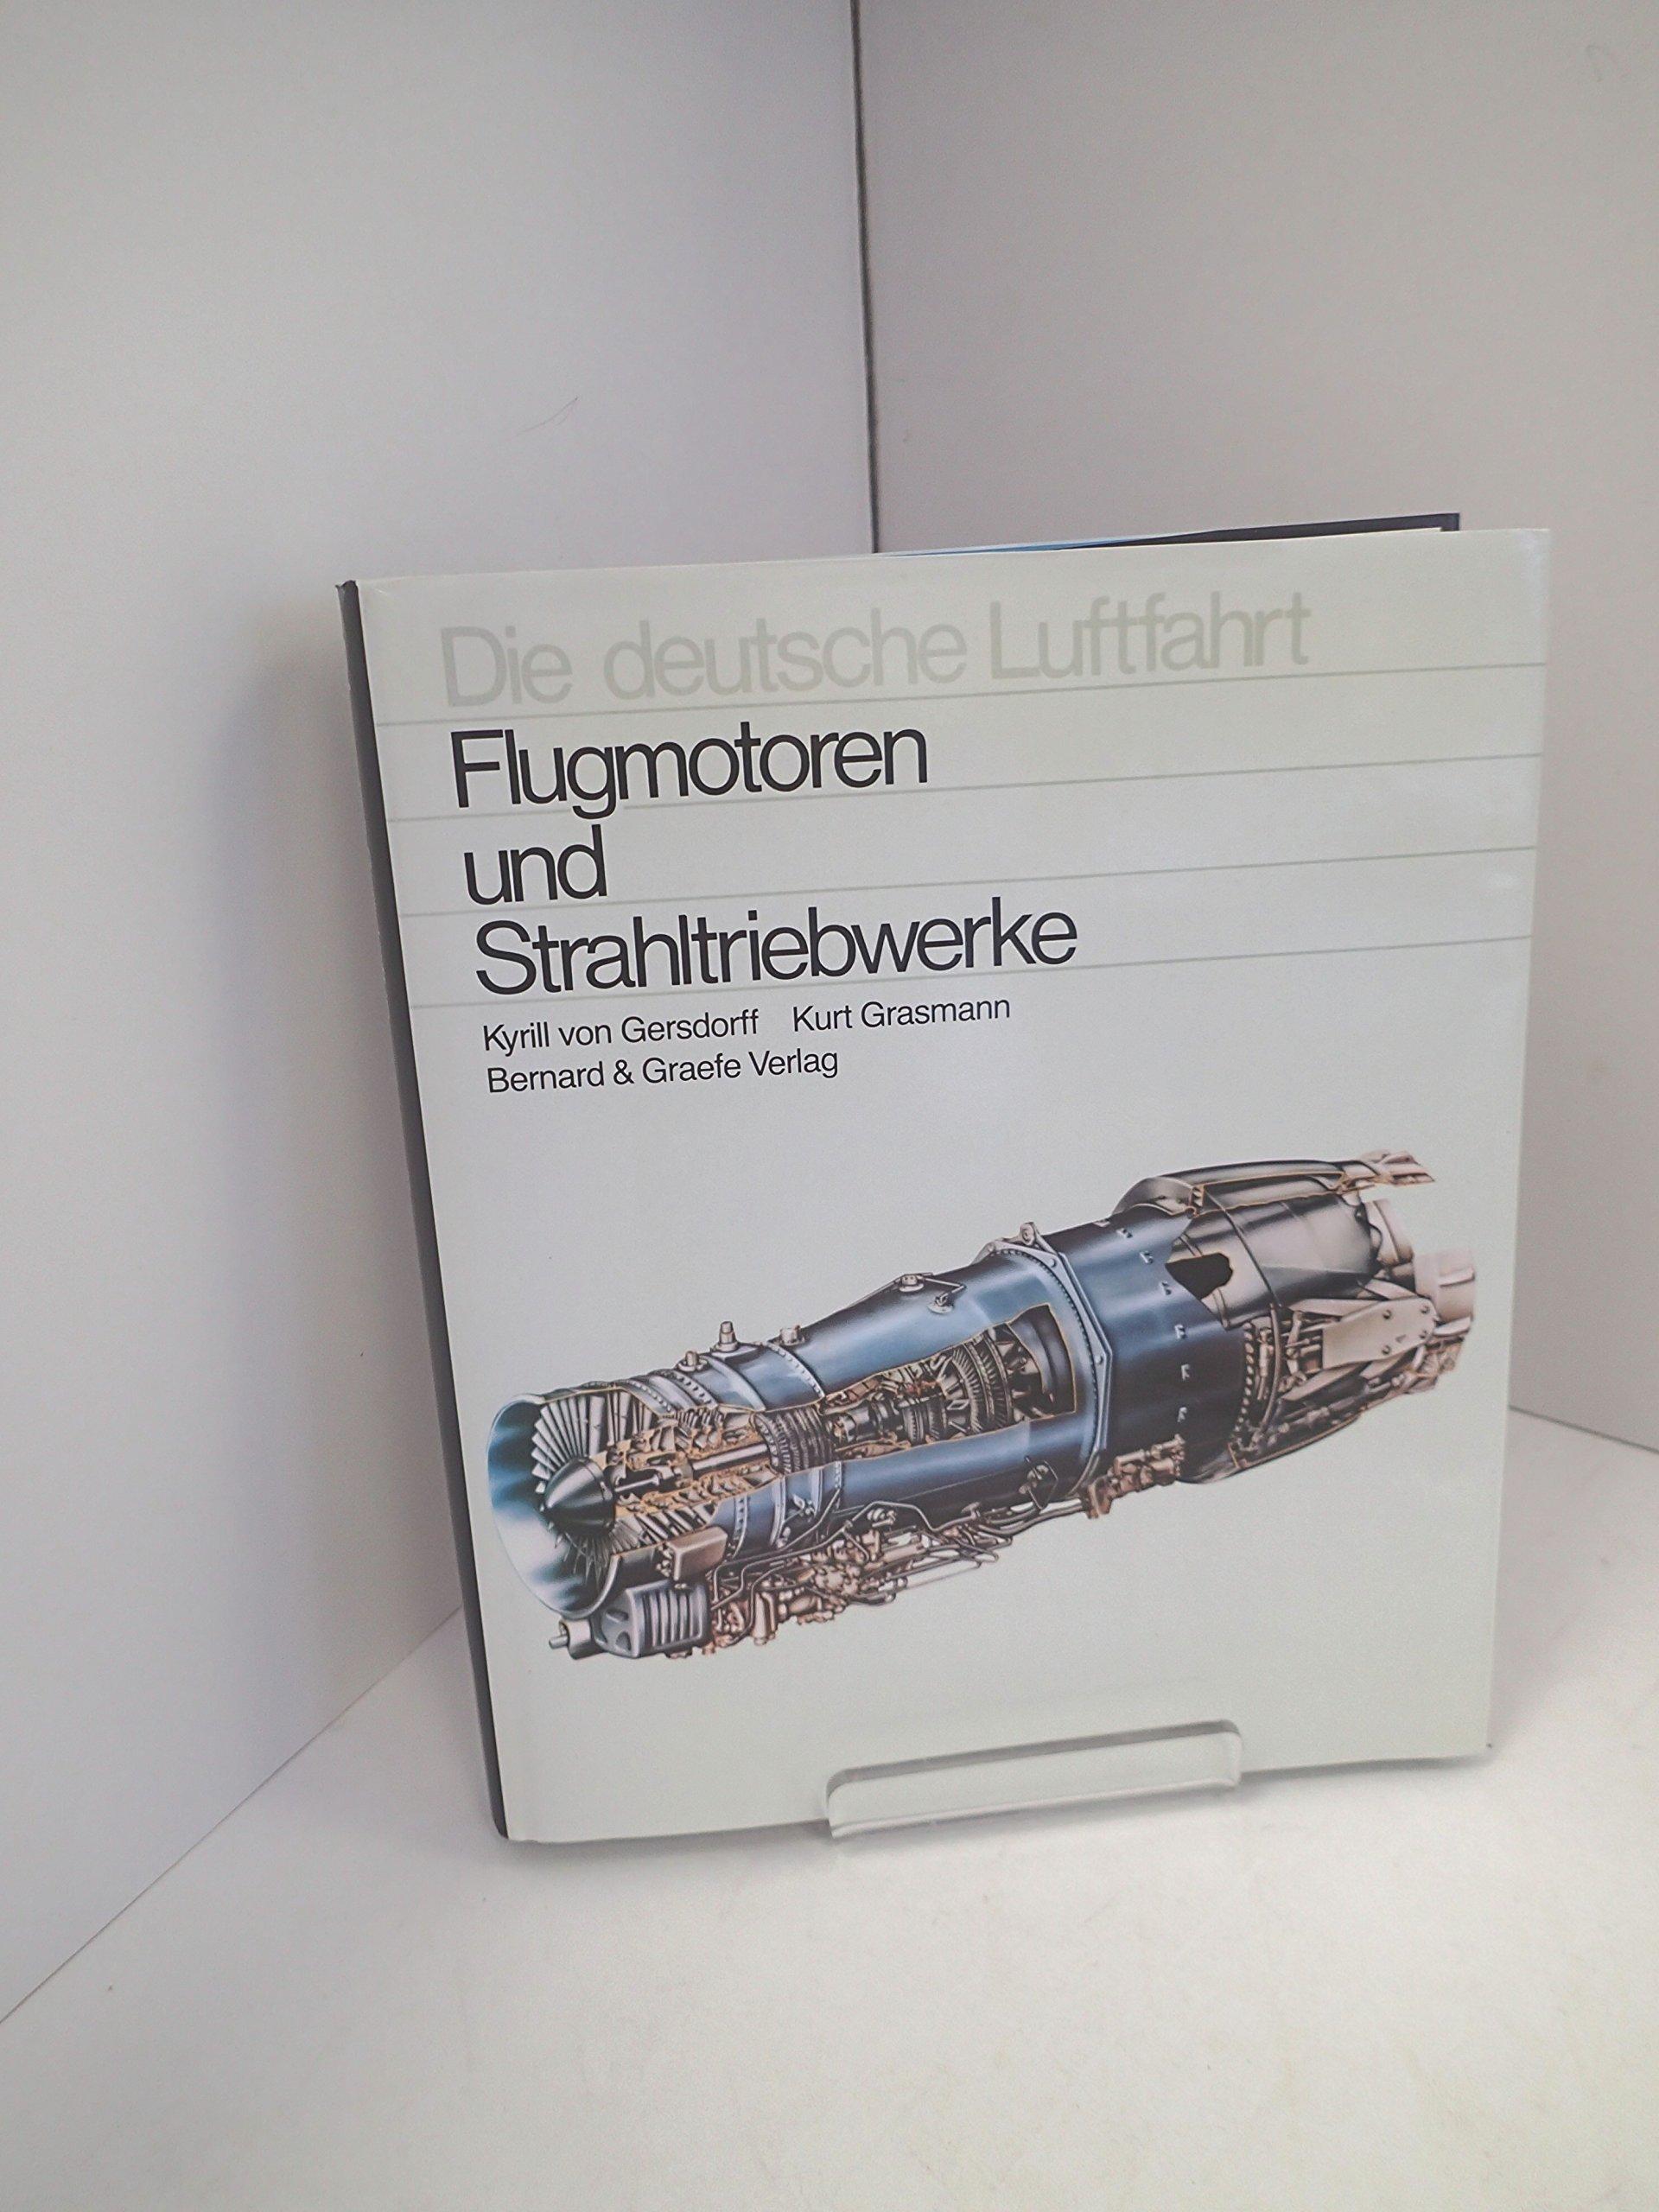 Flugmotoren und Strahltriebwerke. Entwicklungsgeschichte der deutschen Luftfahrtantriebe von den Anfängen bis zu den europäischen Gemeinschaftsentwicklungen